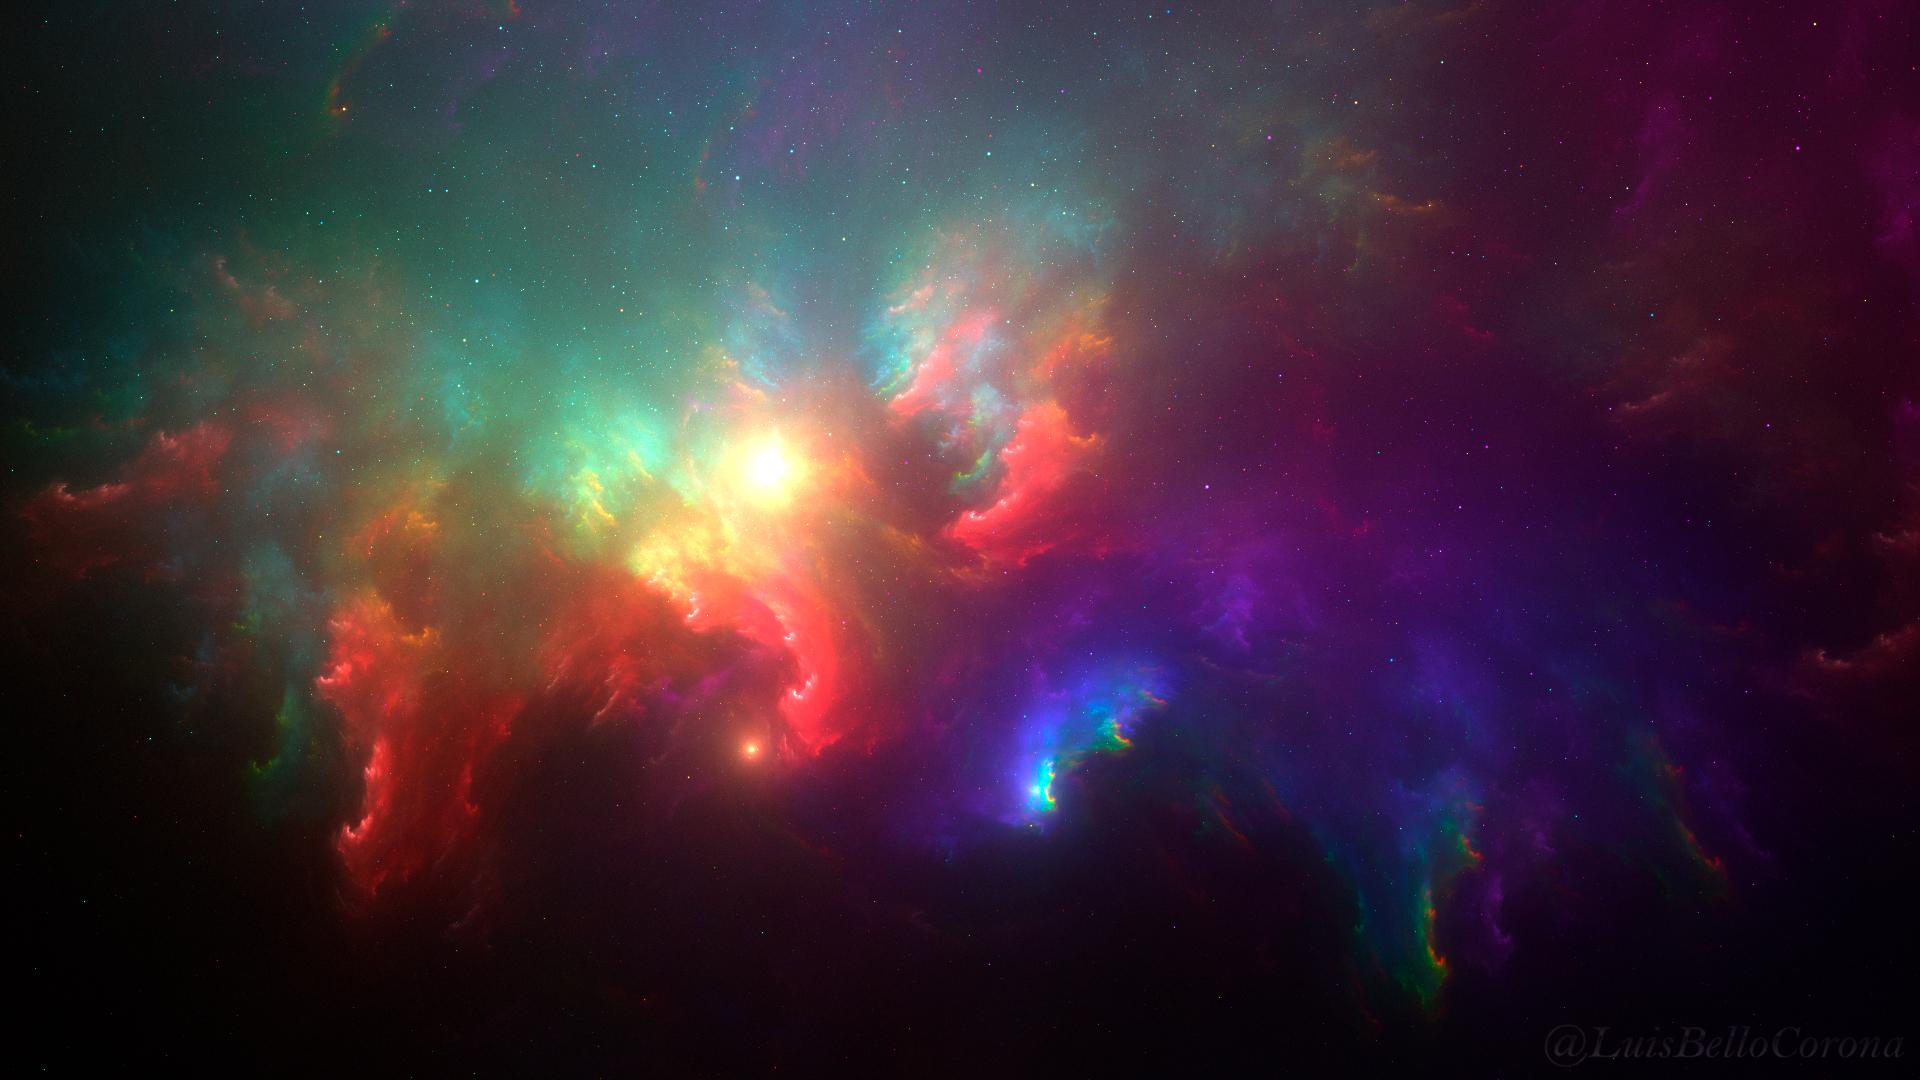 1356-the-fantasia-nebula-luis-bello